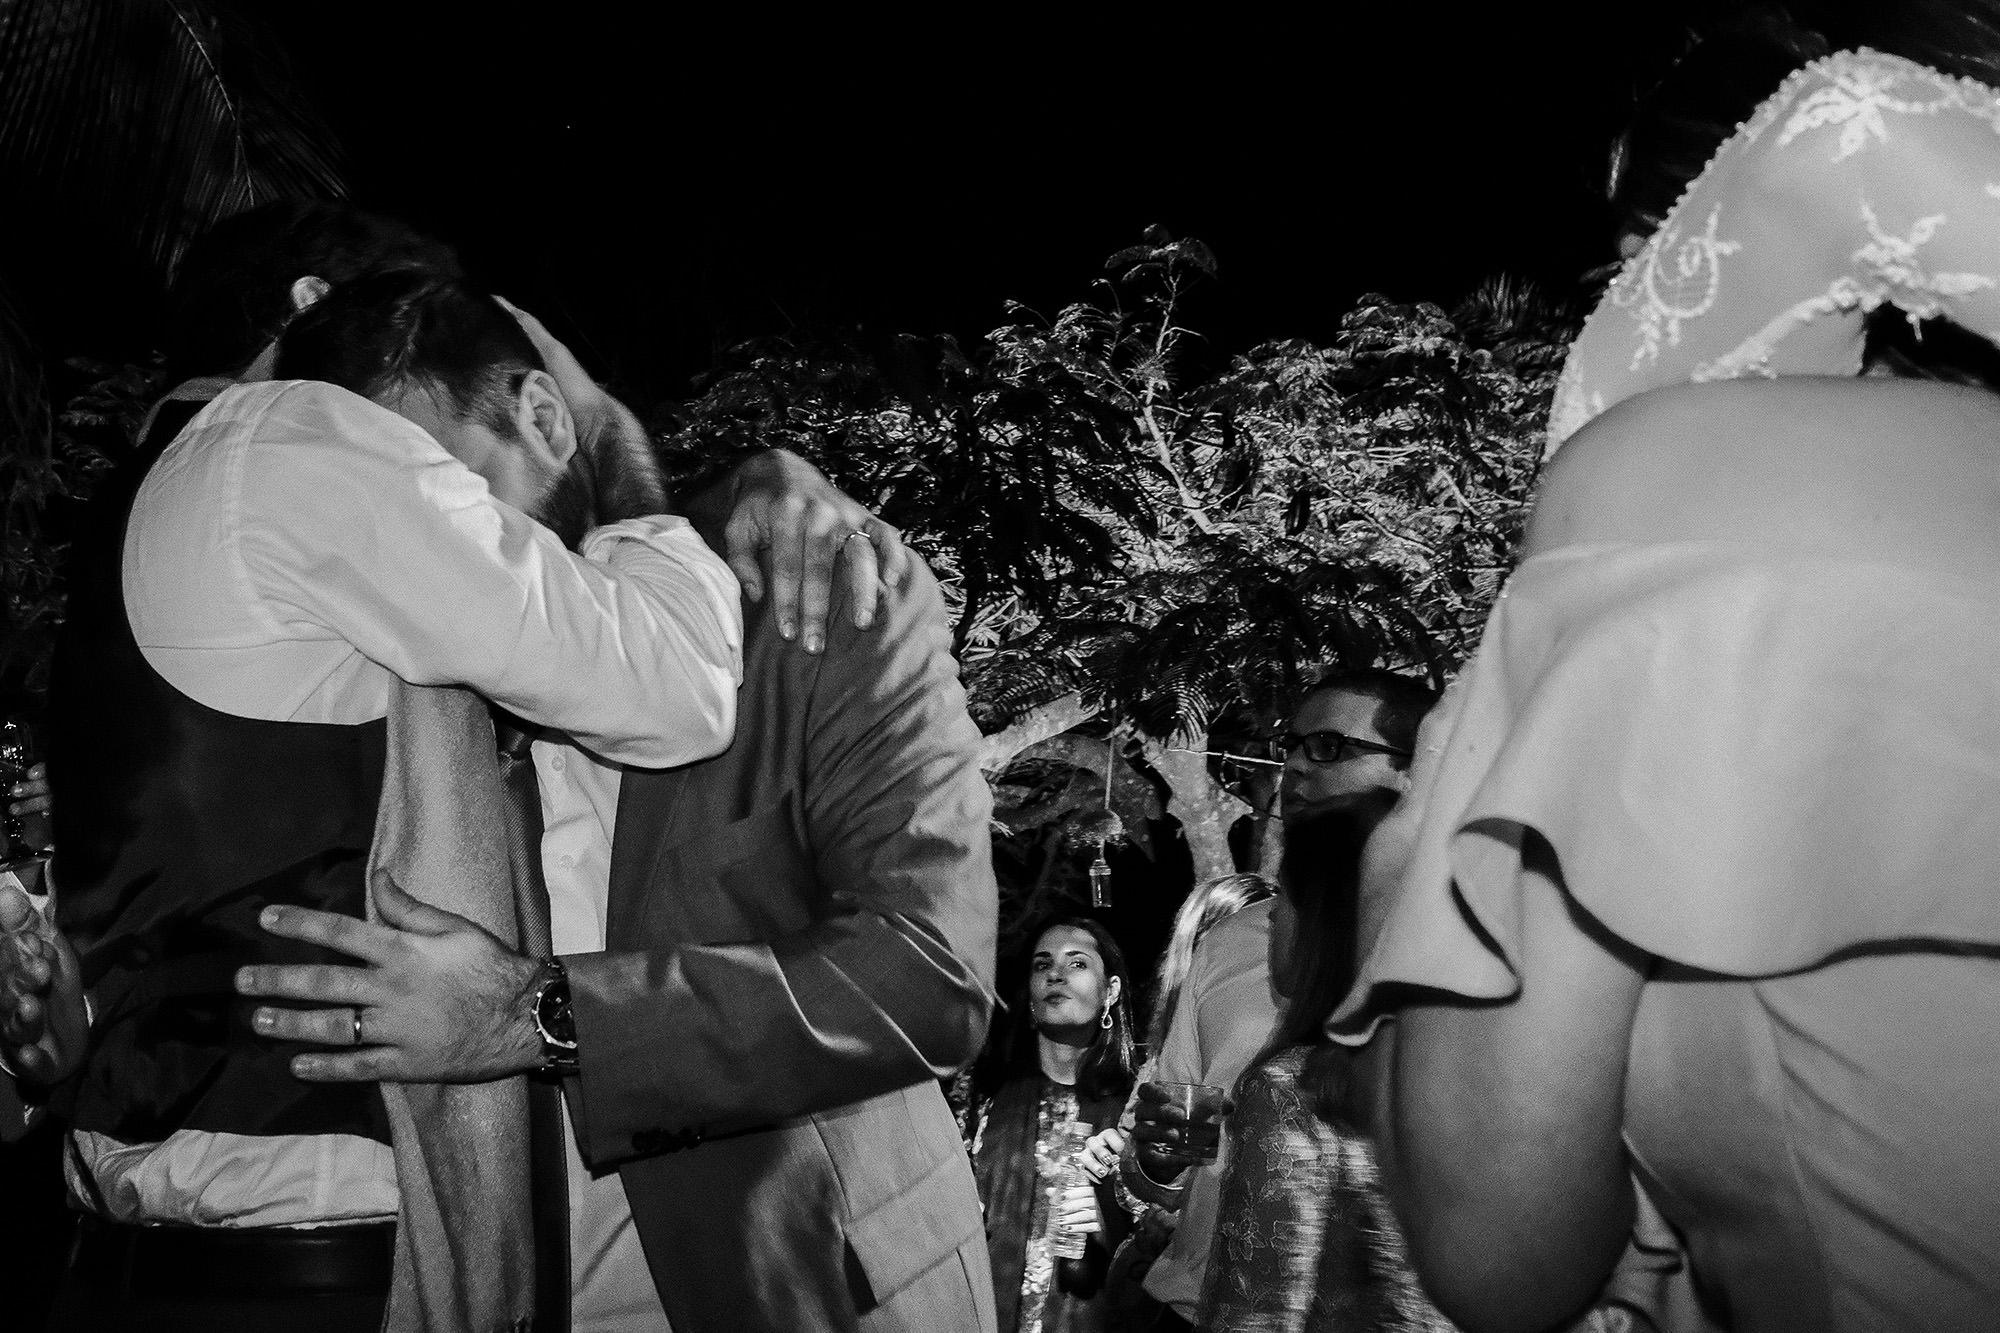 Mirian e Rafael - 2 Rios Memórias - #2riosmemorias - 087.jpg